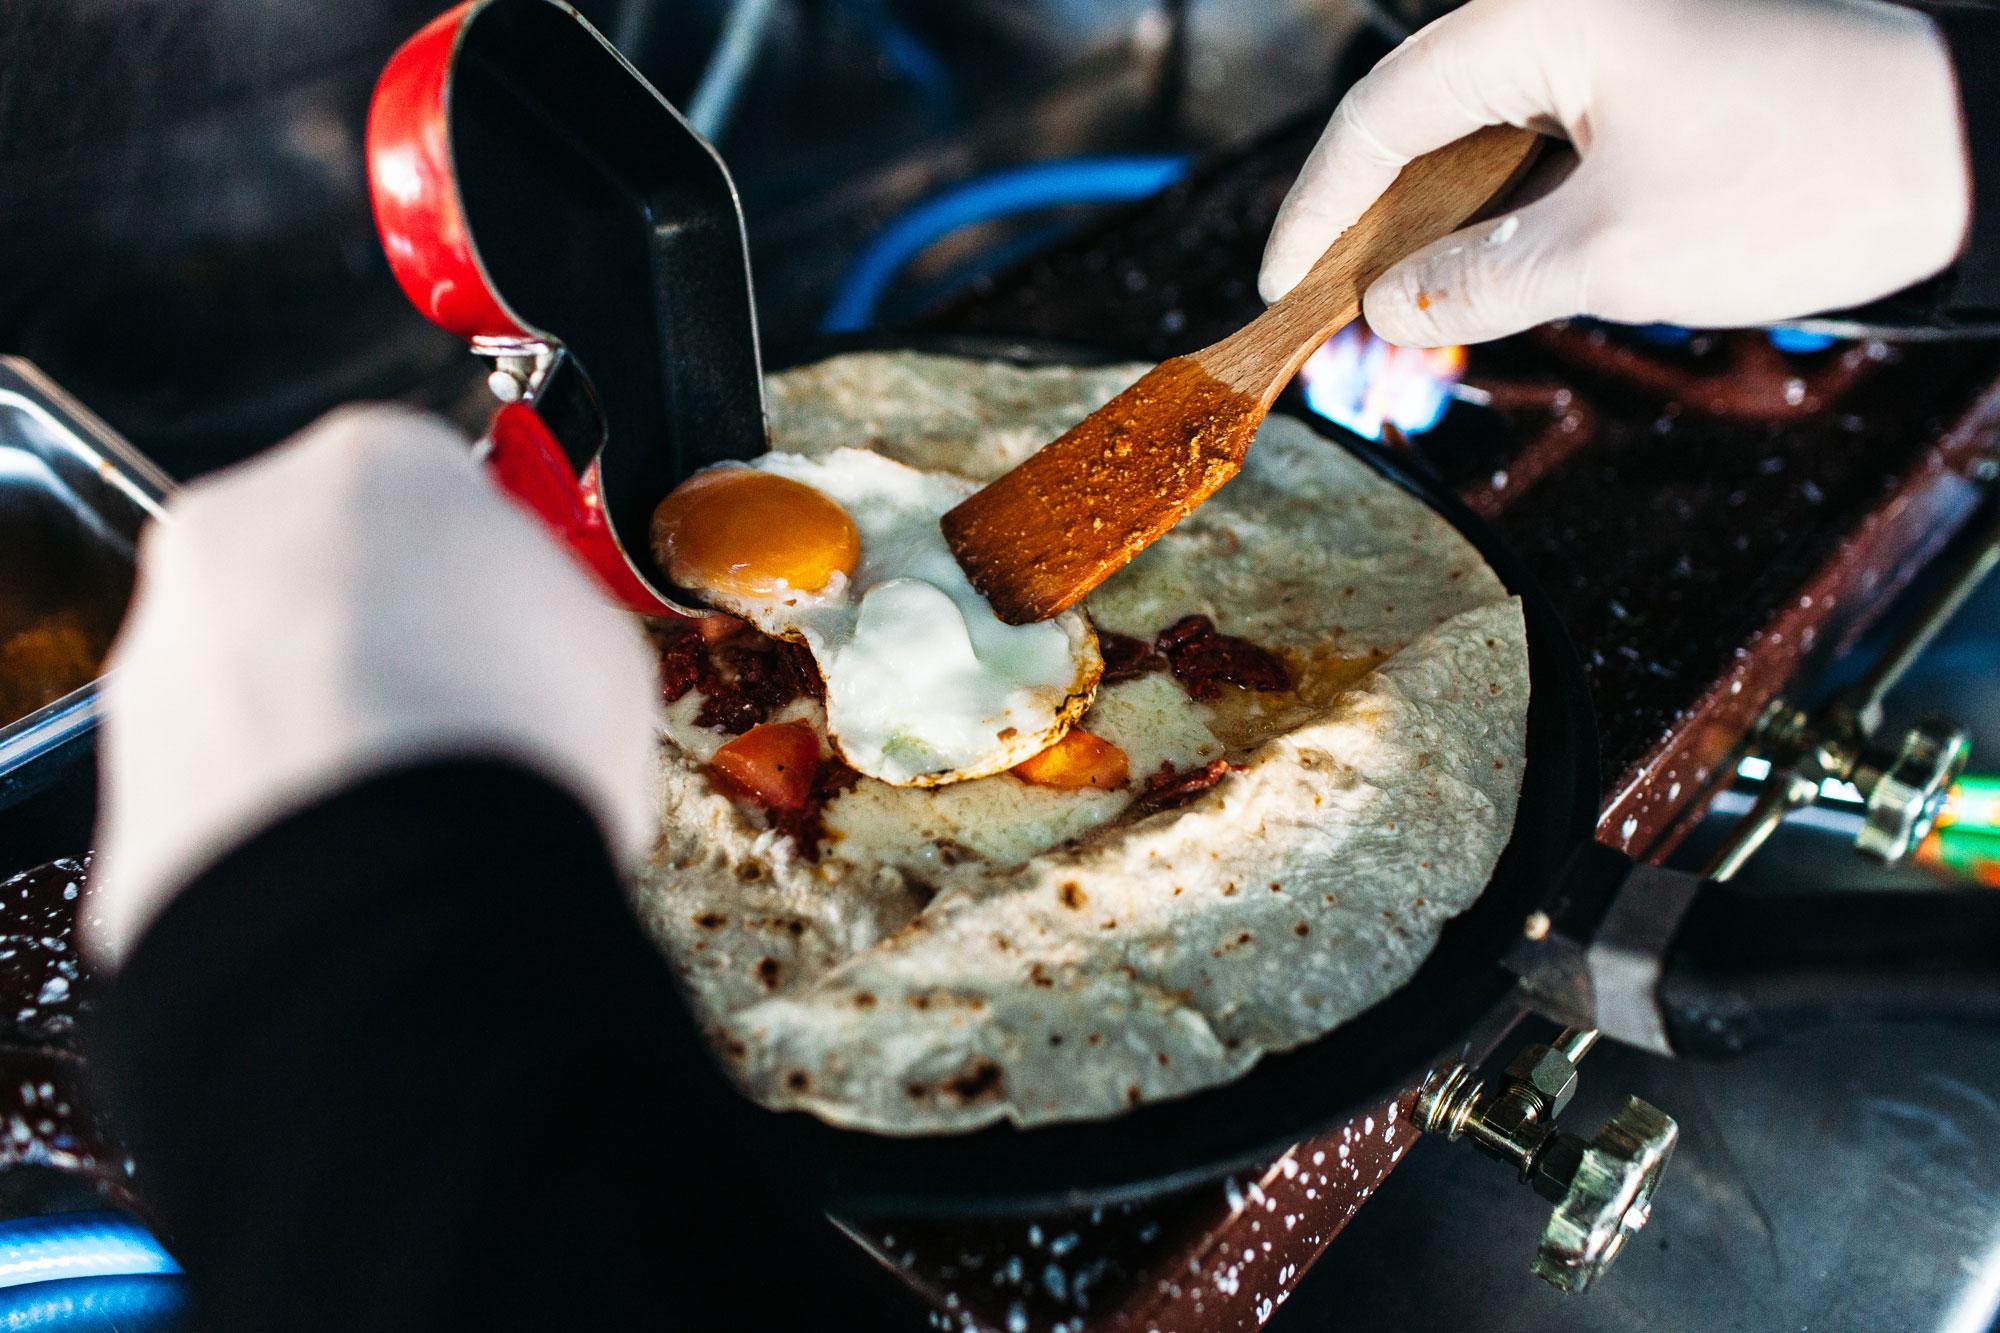 Αθήνα: Το 3ο Street Food Festival κάνει πρεμιέρα και τρελαίνει τους foodies!